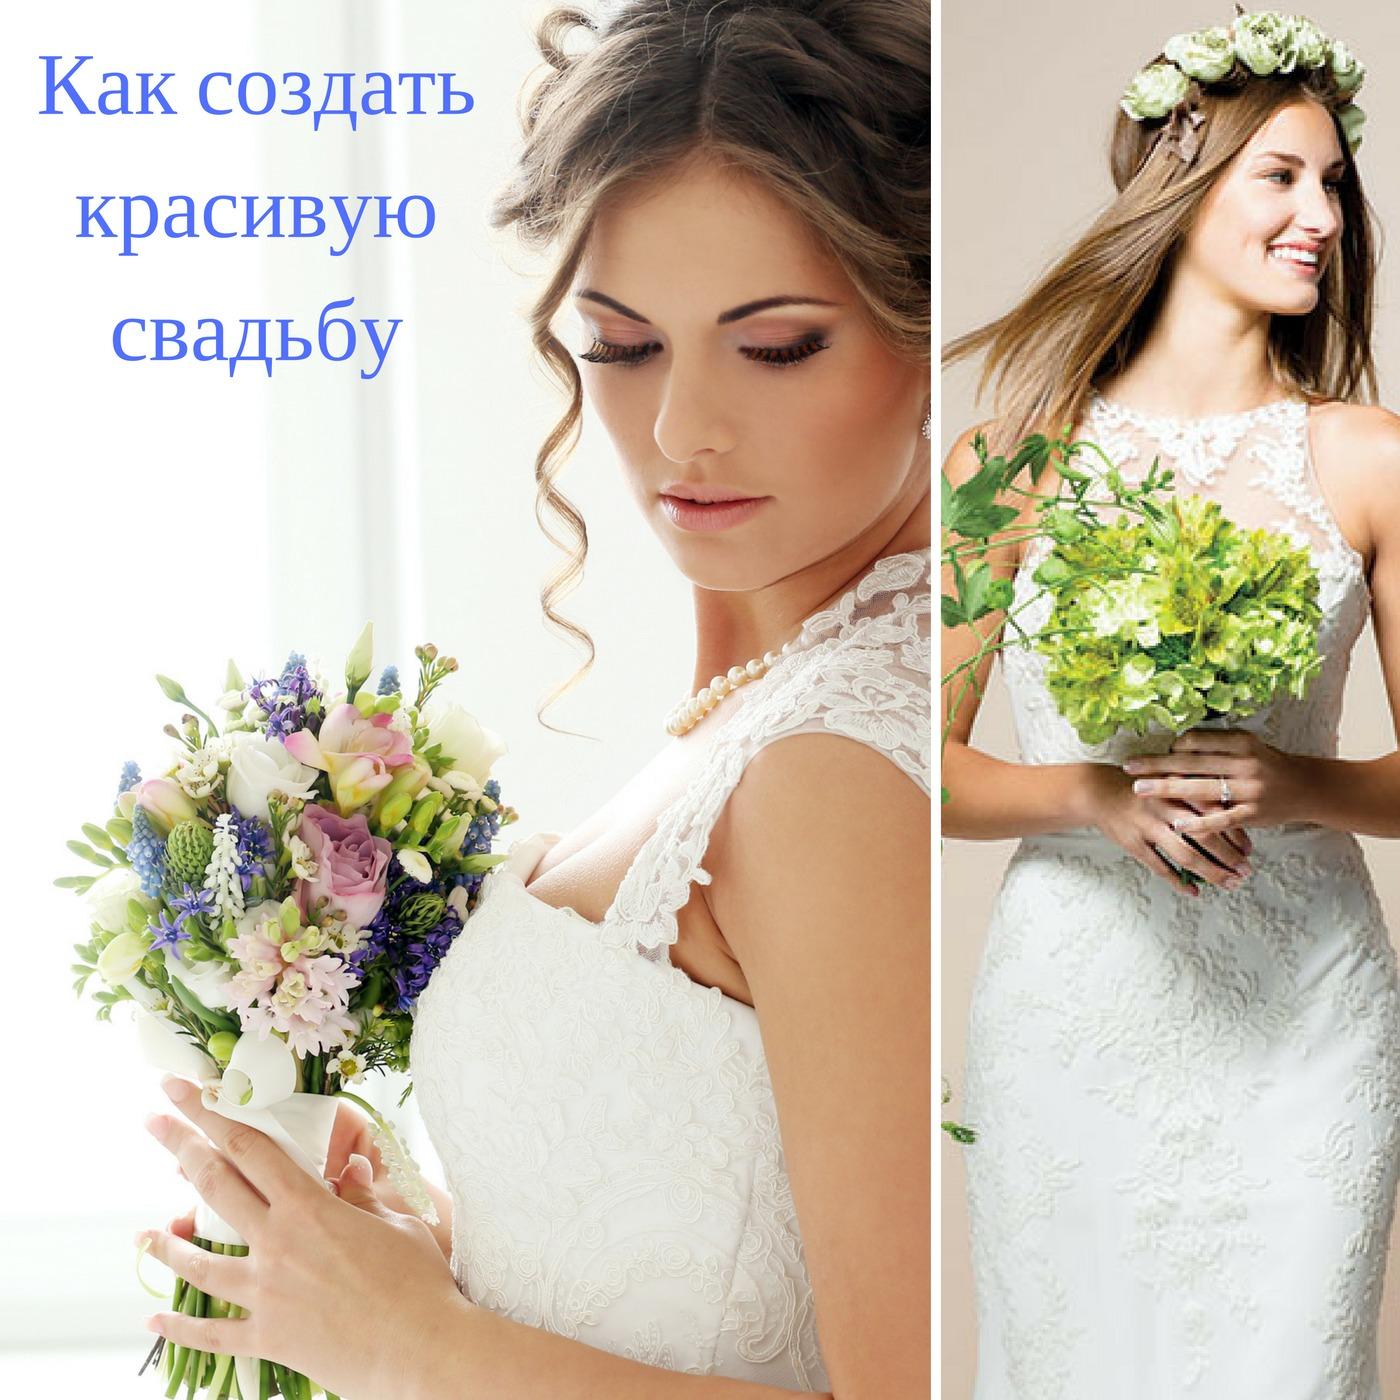 Скоро Свадьба - Агентства, координатор: описание, фото, отзывы 100